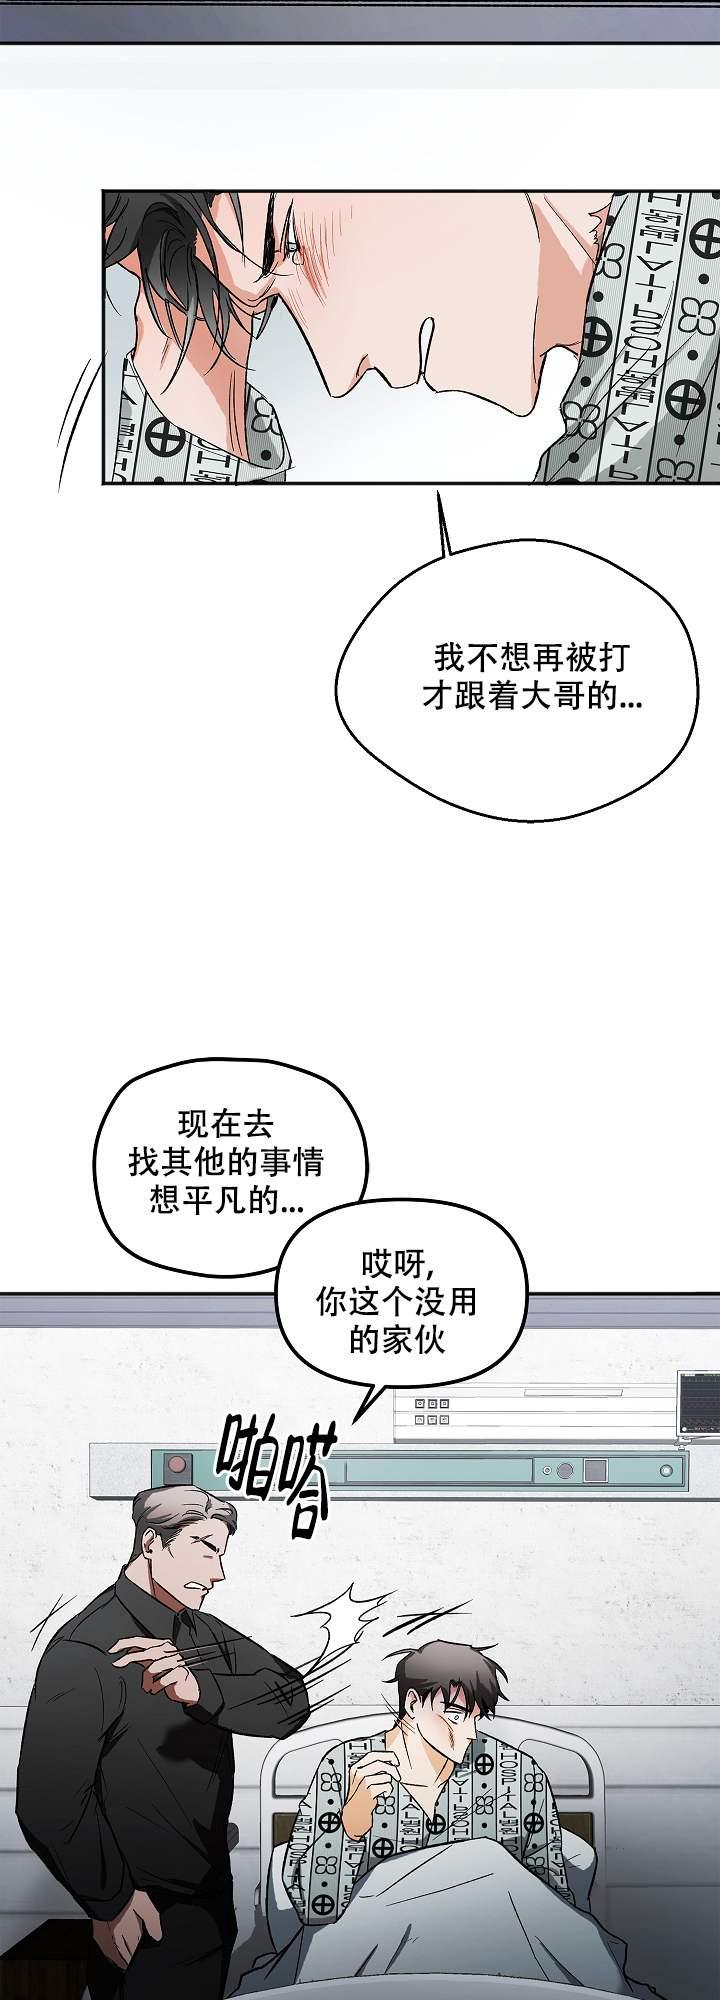 韩漫 |《黑帮大佬也辞职》落跑黑帮大佬,遇见真命天子!  第4张